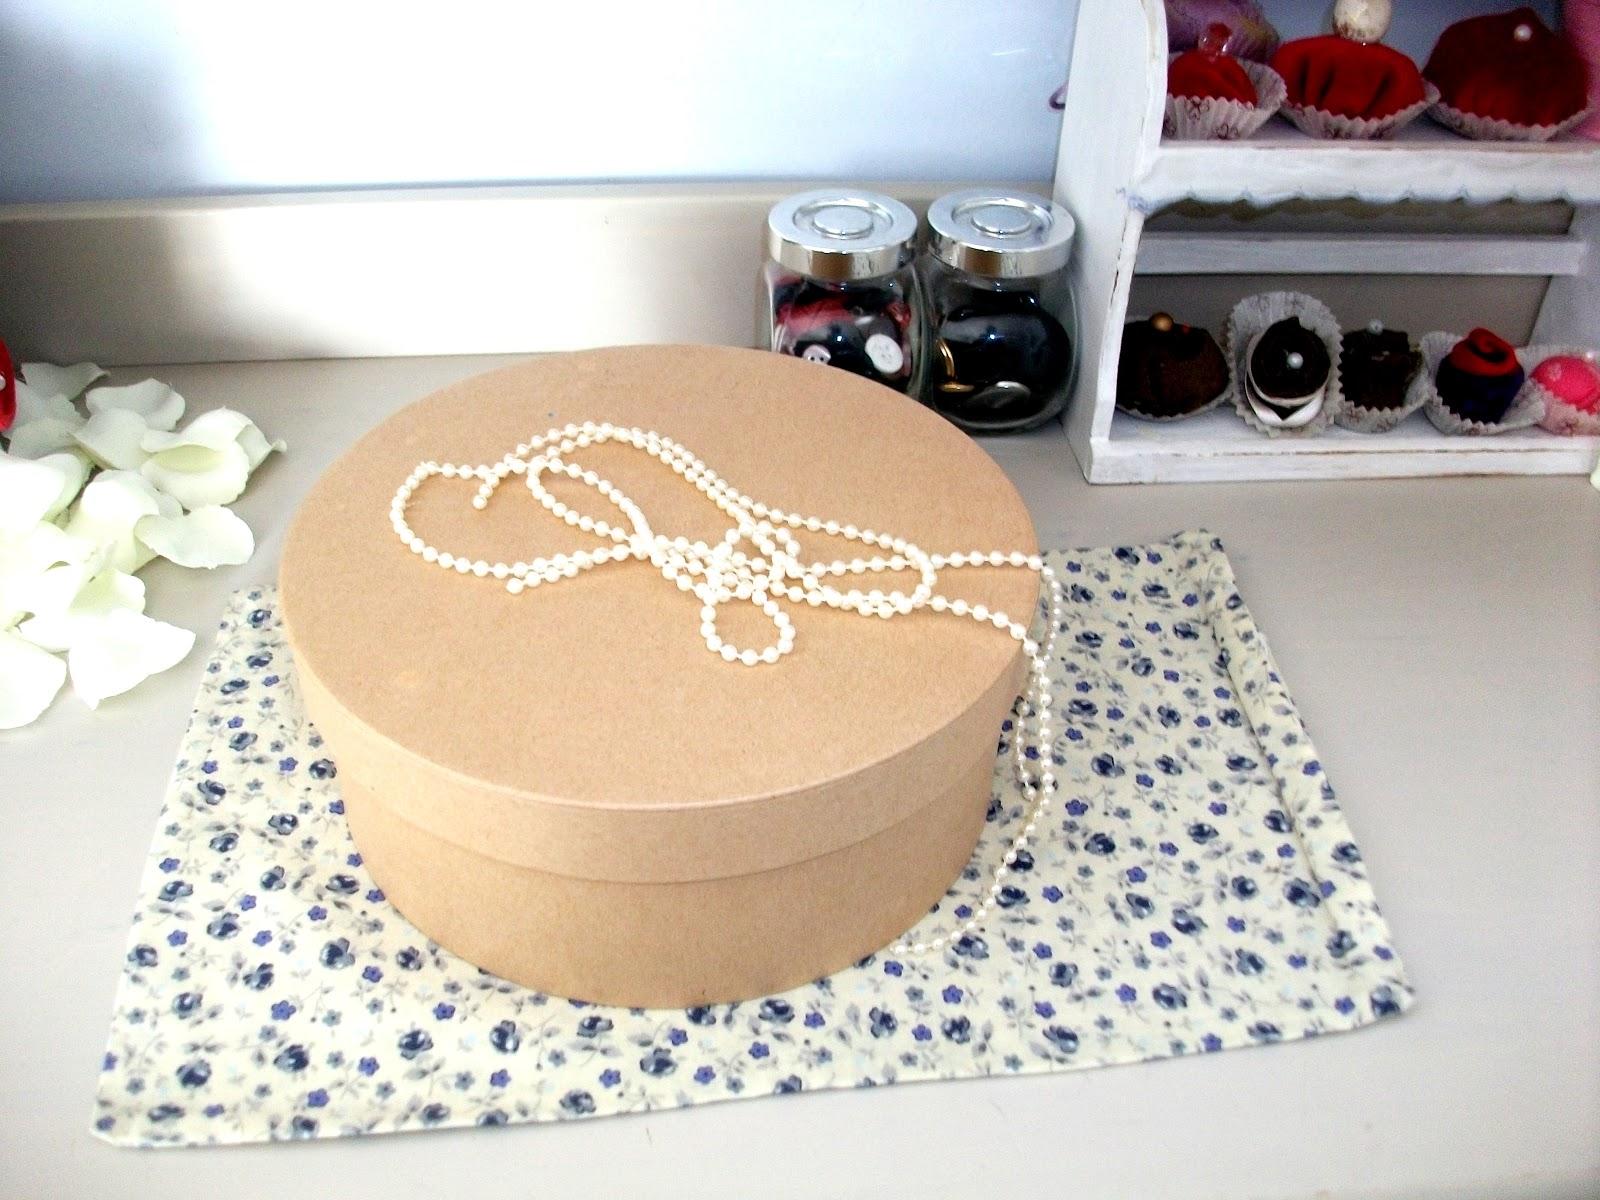 abbastanza La mia vita shabby chic: Torta di stoffa:tutorial. XD53